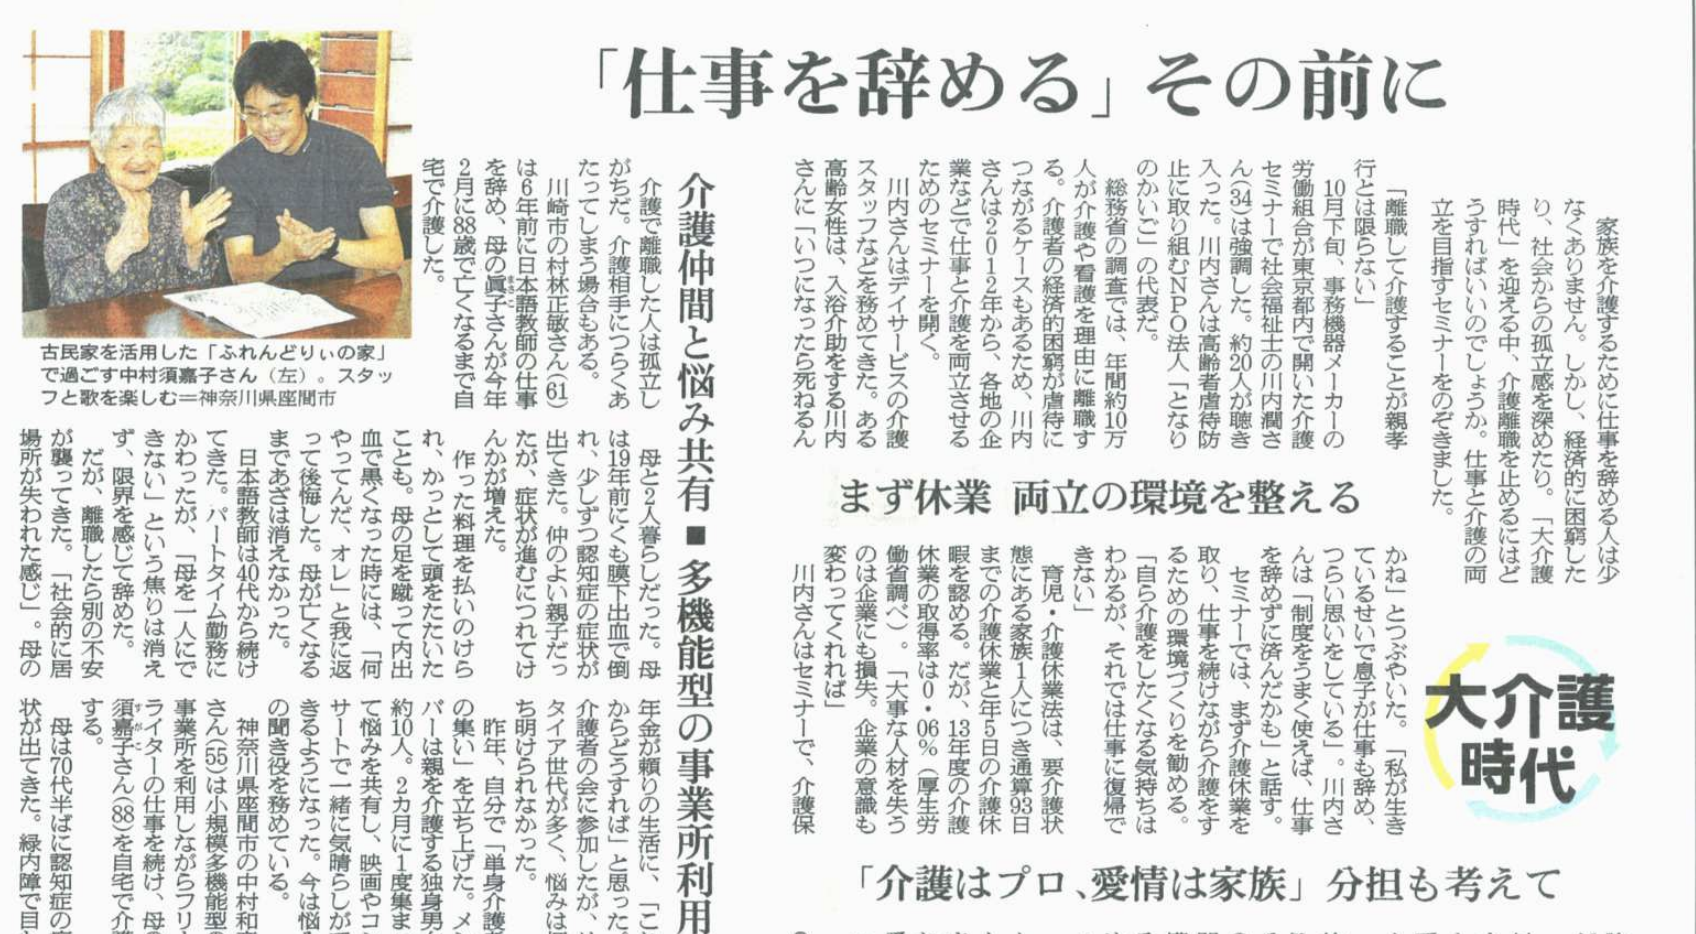 朝日新聞・大阪版『「仕事を辞める」その前に』